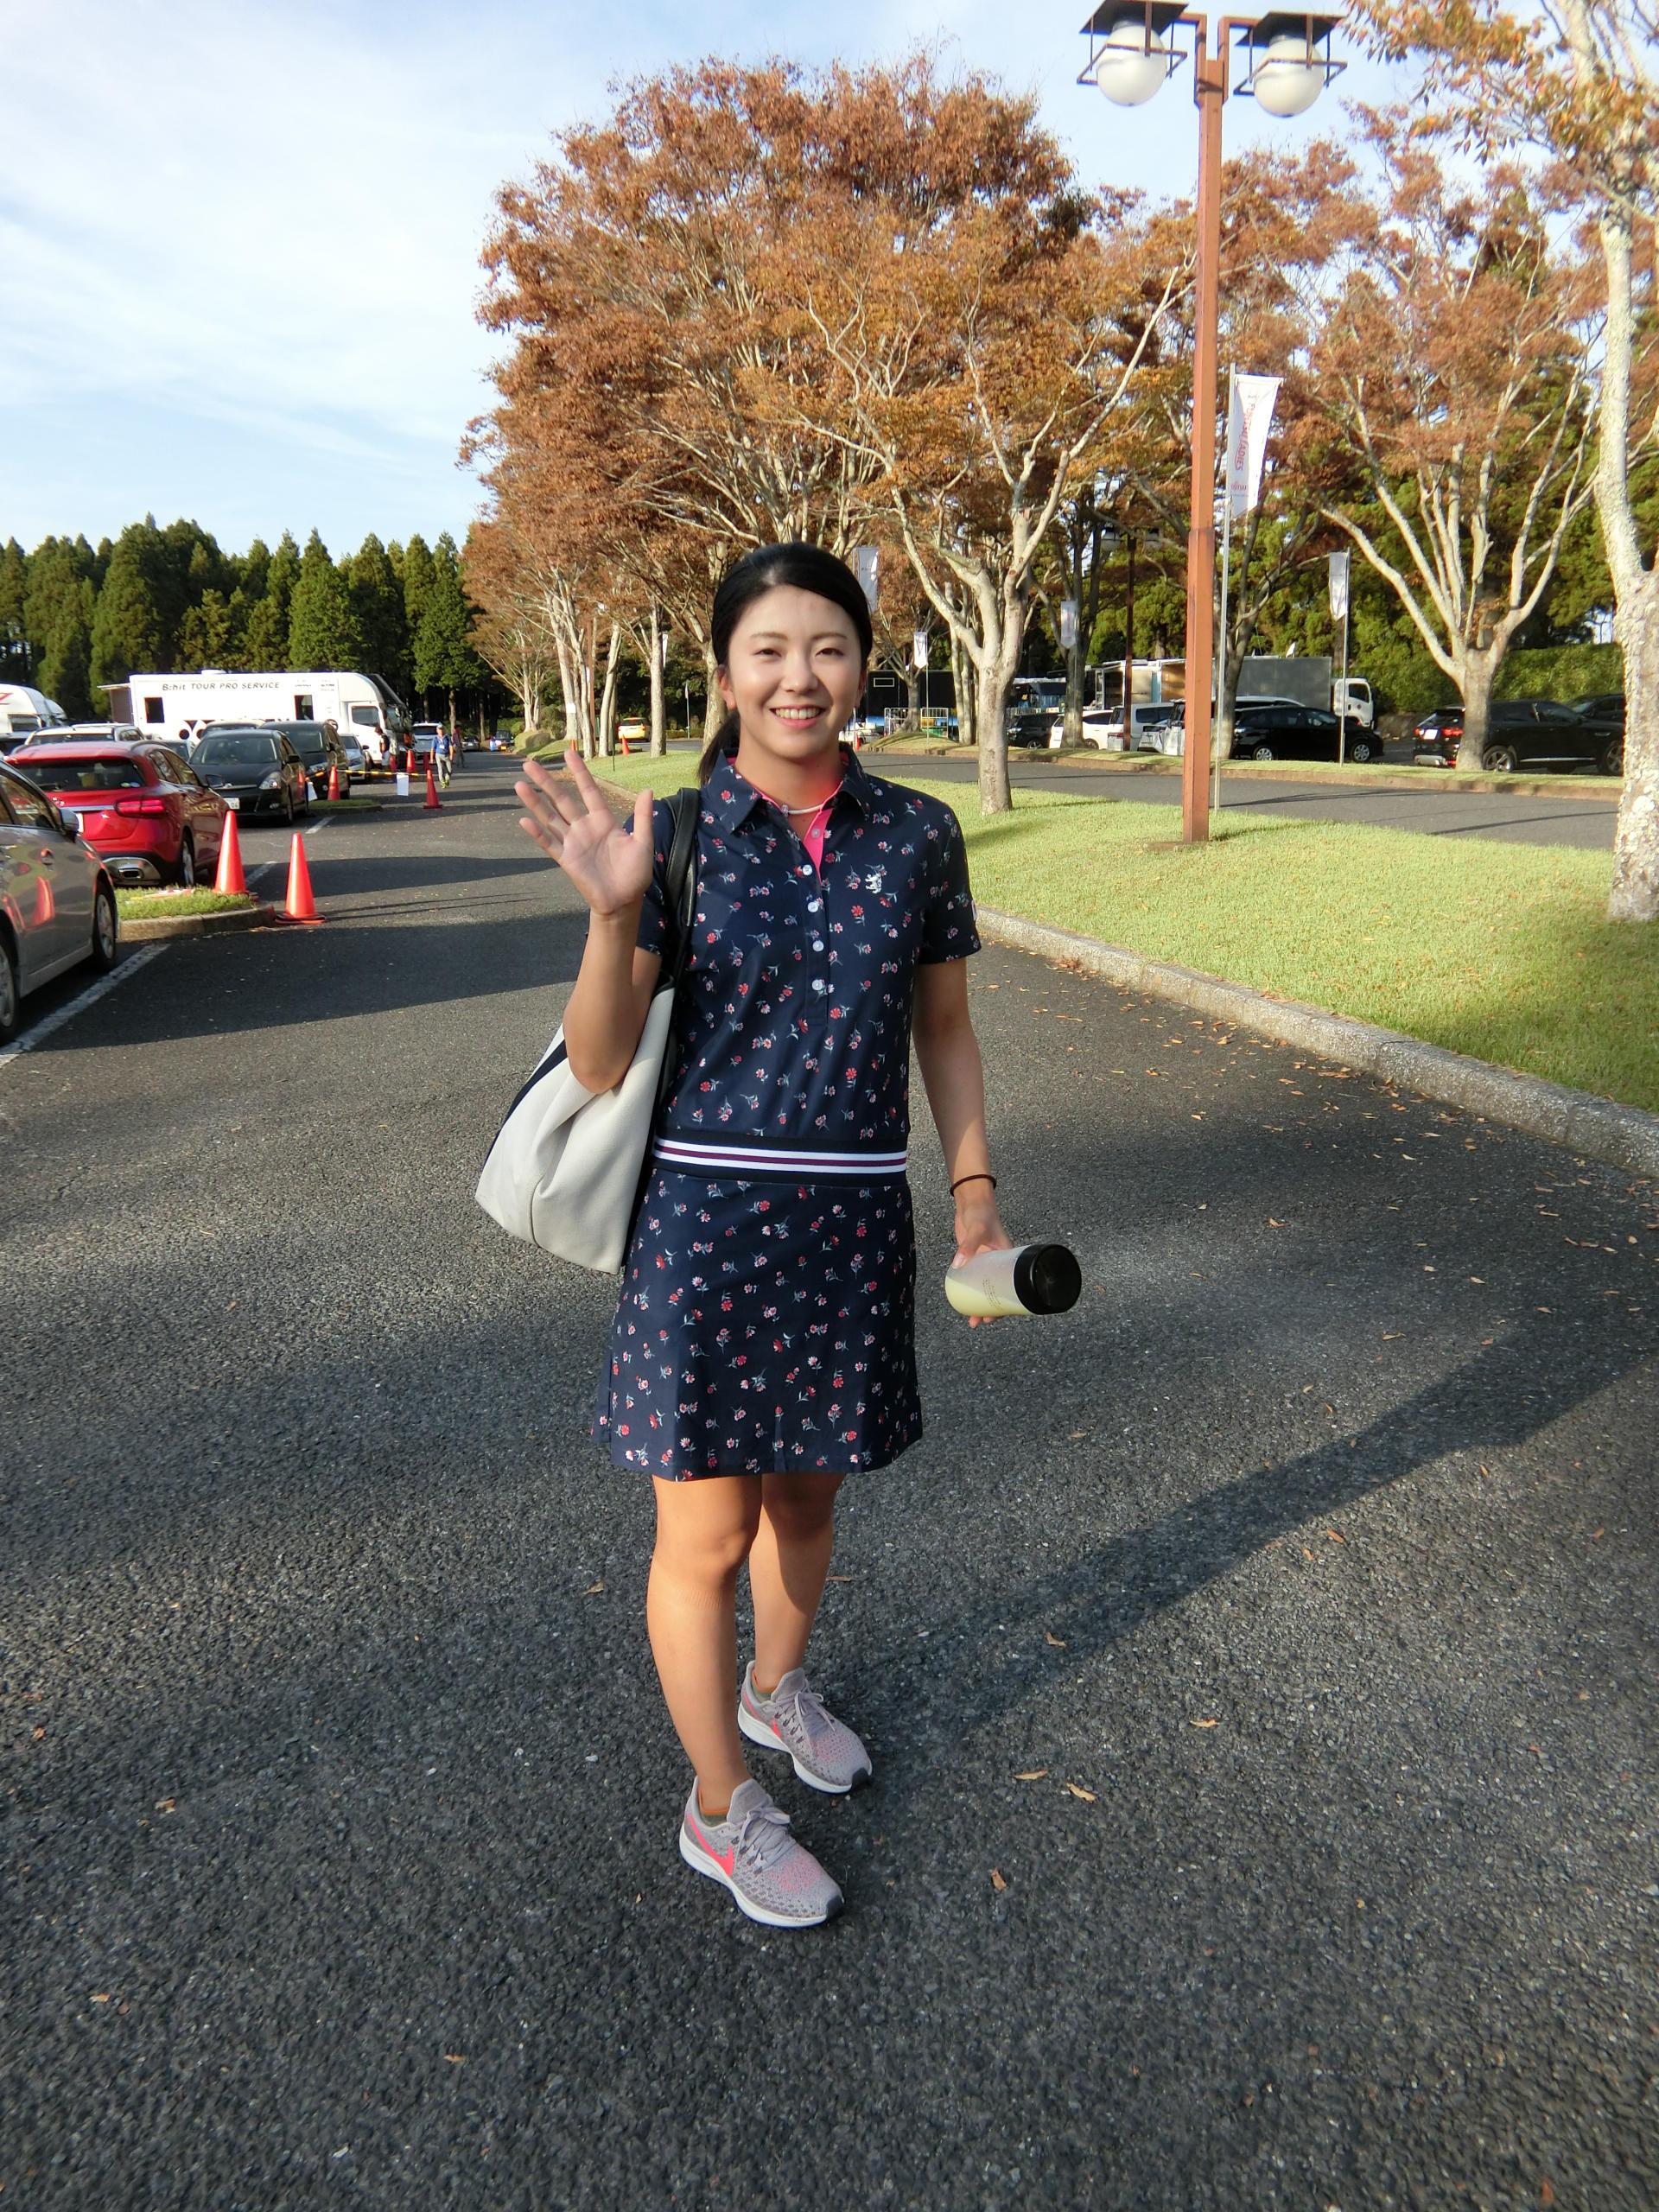 http://www.bs-golf.com/pro/ee6e6175e8a860955a783a36e2d55cf49f438a0f.JPG